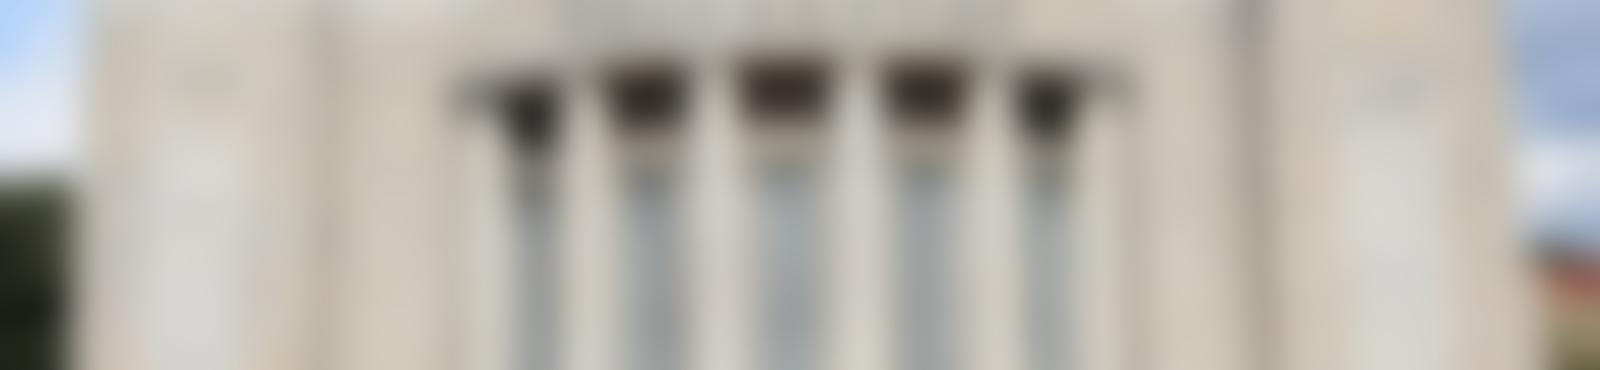 Blurred a5d000b2 1886 4b46 ae87 c97e807e8f71